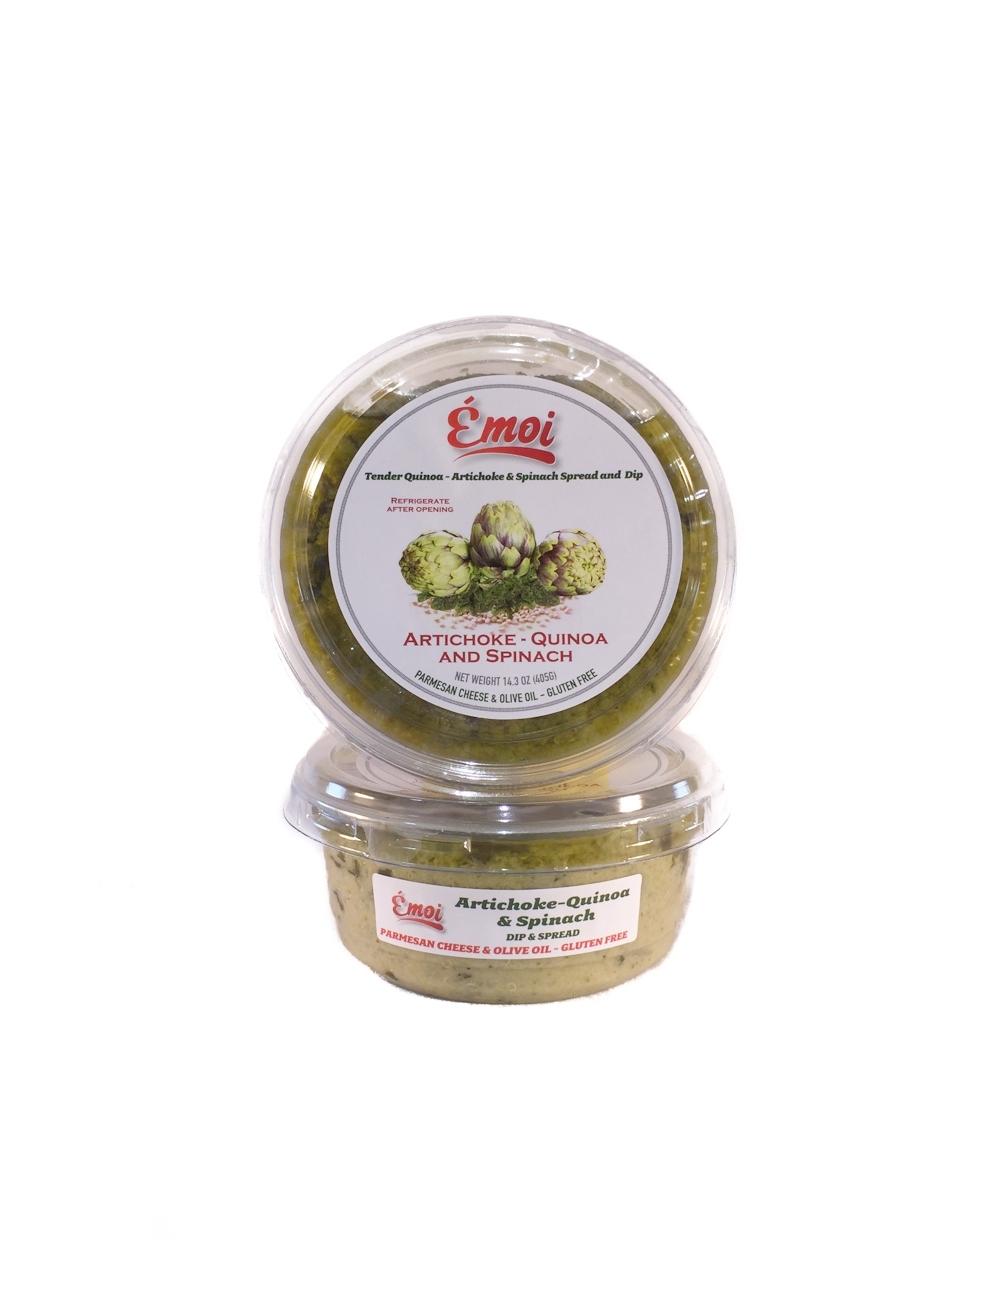 Tender Quinoa - Artichoke & Spinach Spread & Dip